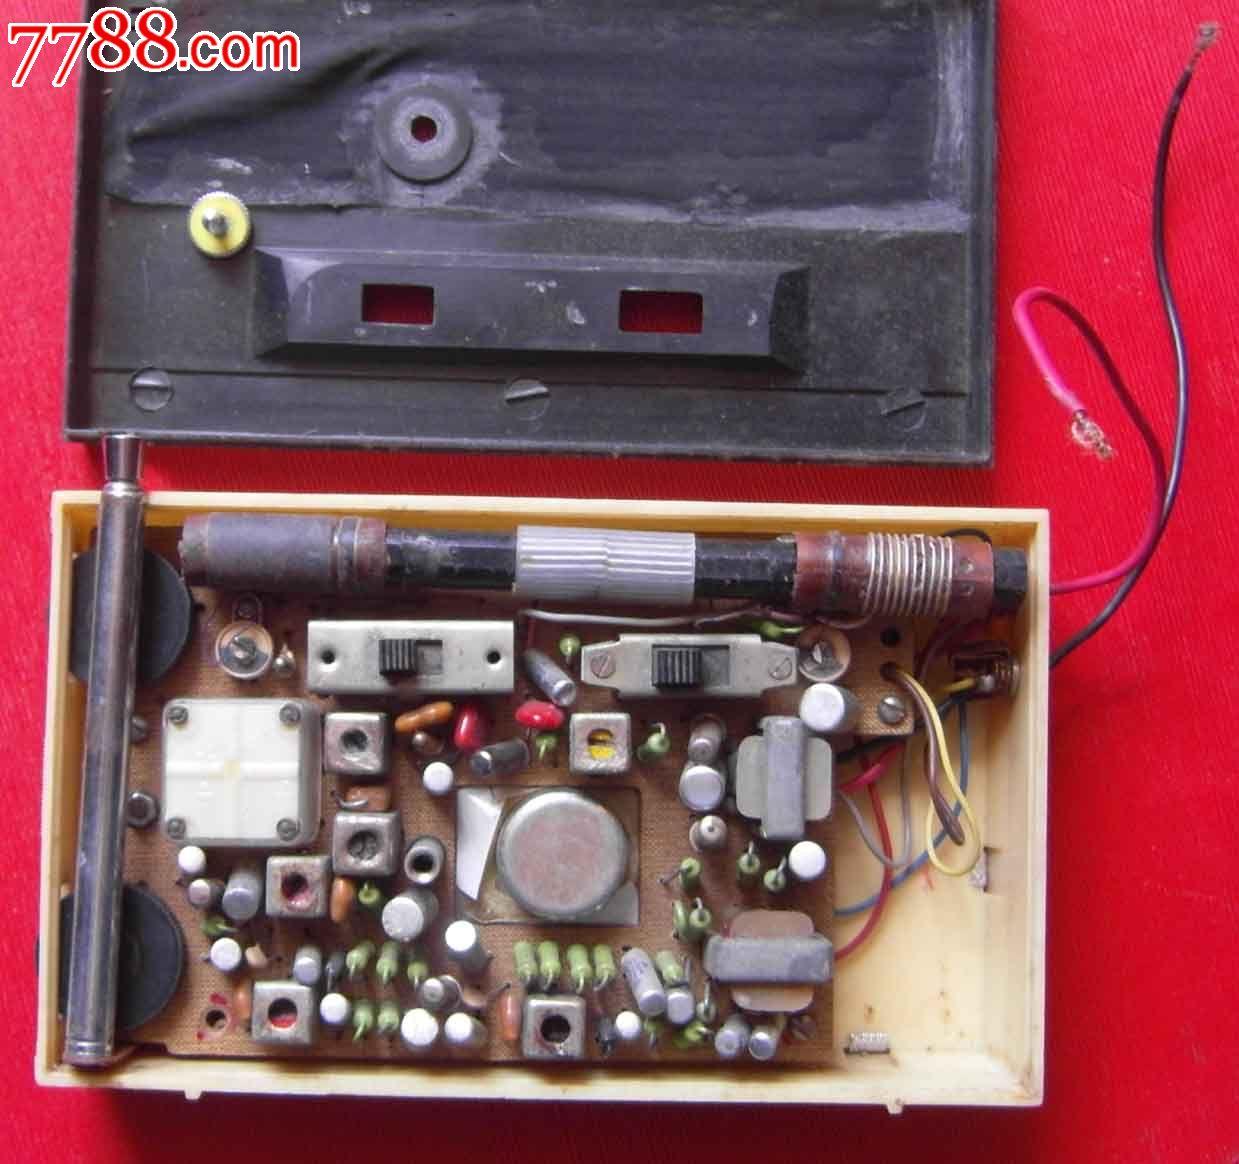 海鸥6c2型,收音机,种类不详,年代不详,家用收音机,袖珍式,海鸥,其他国